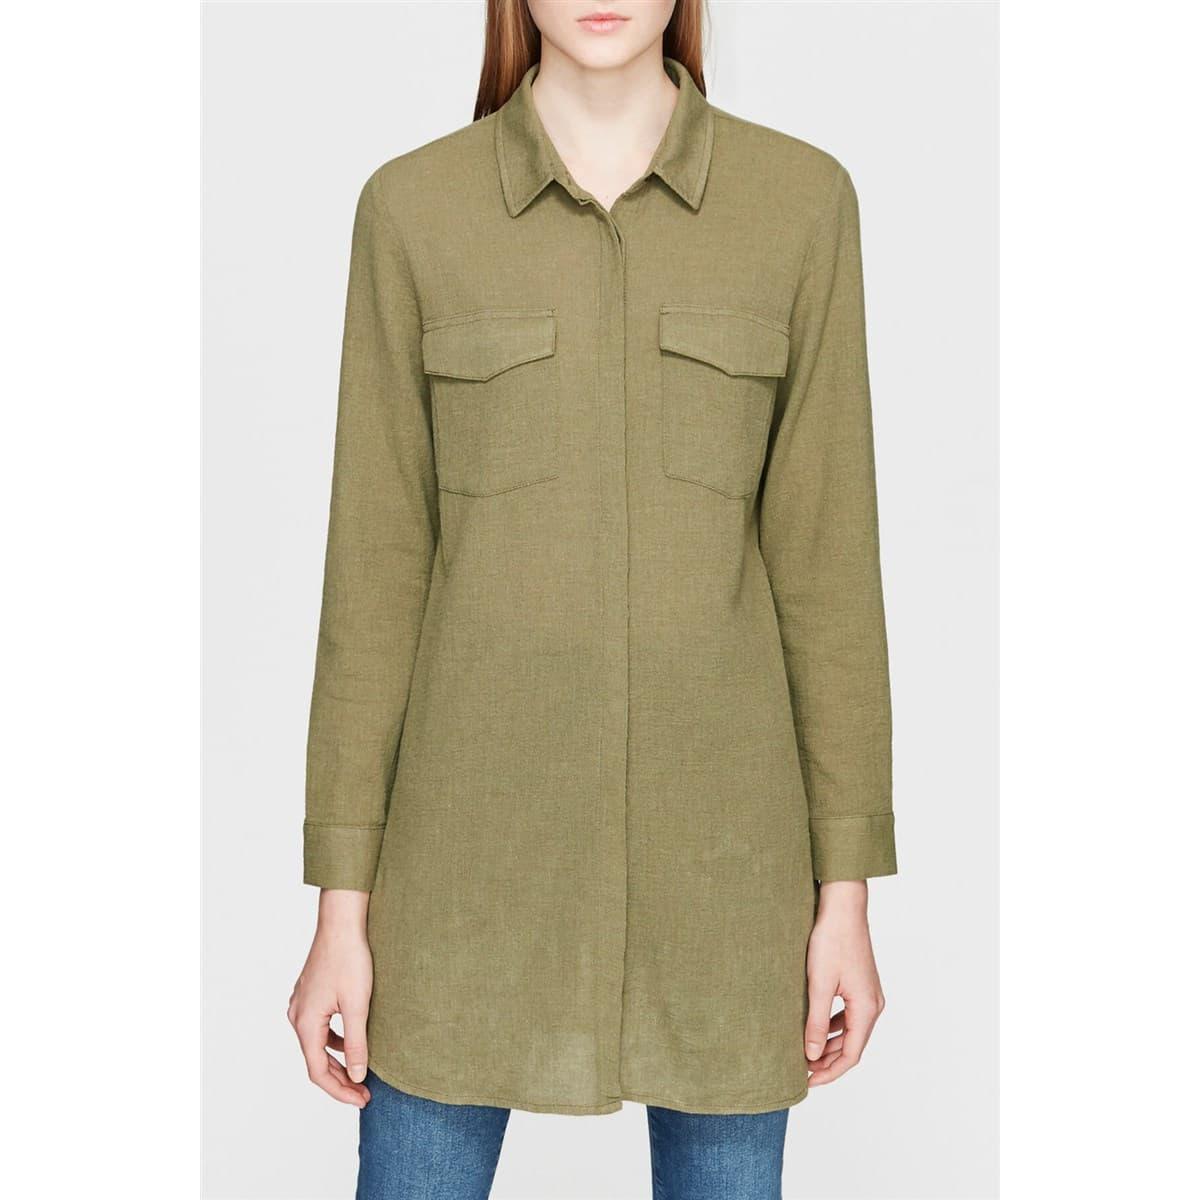 Kadın Cepli Uzun Yeşil Gömlek